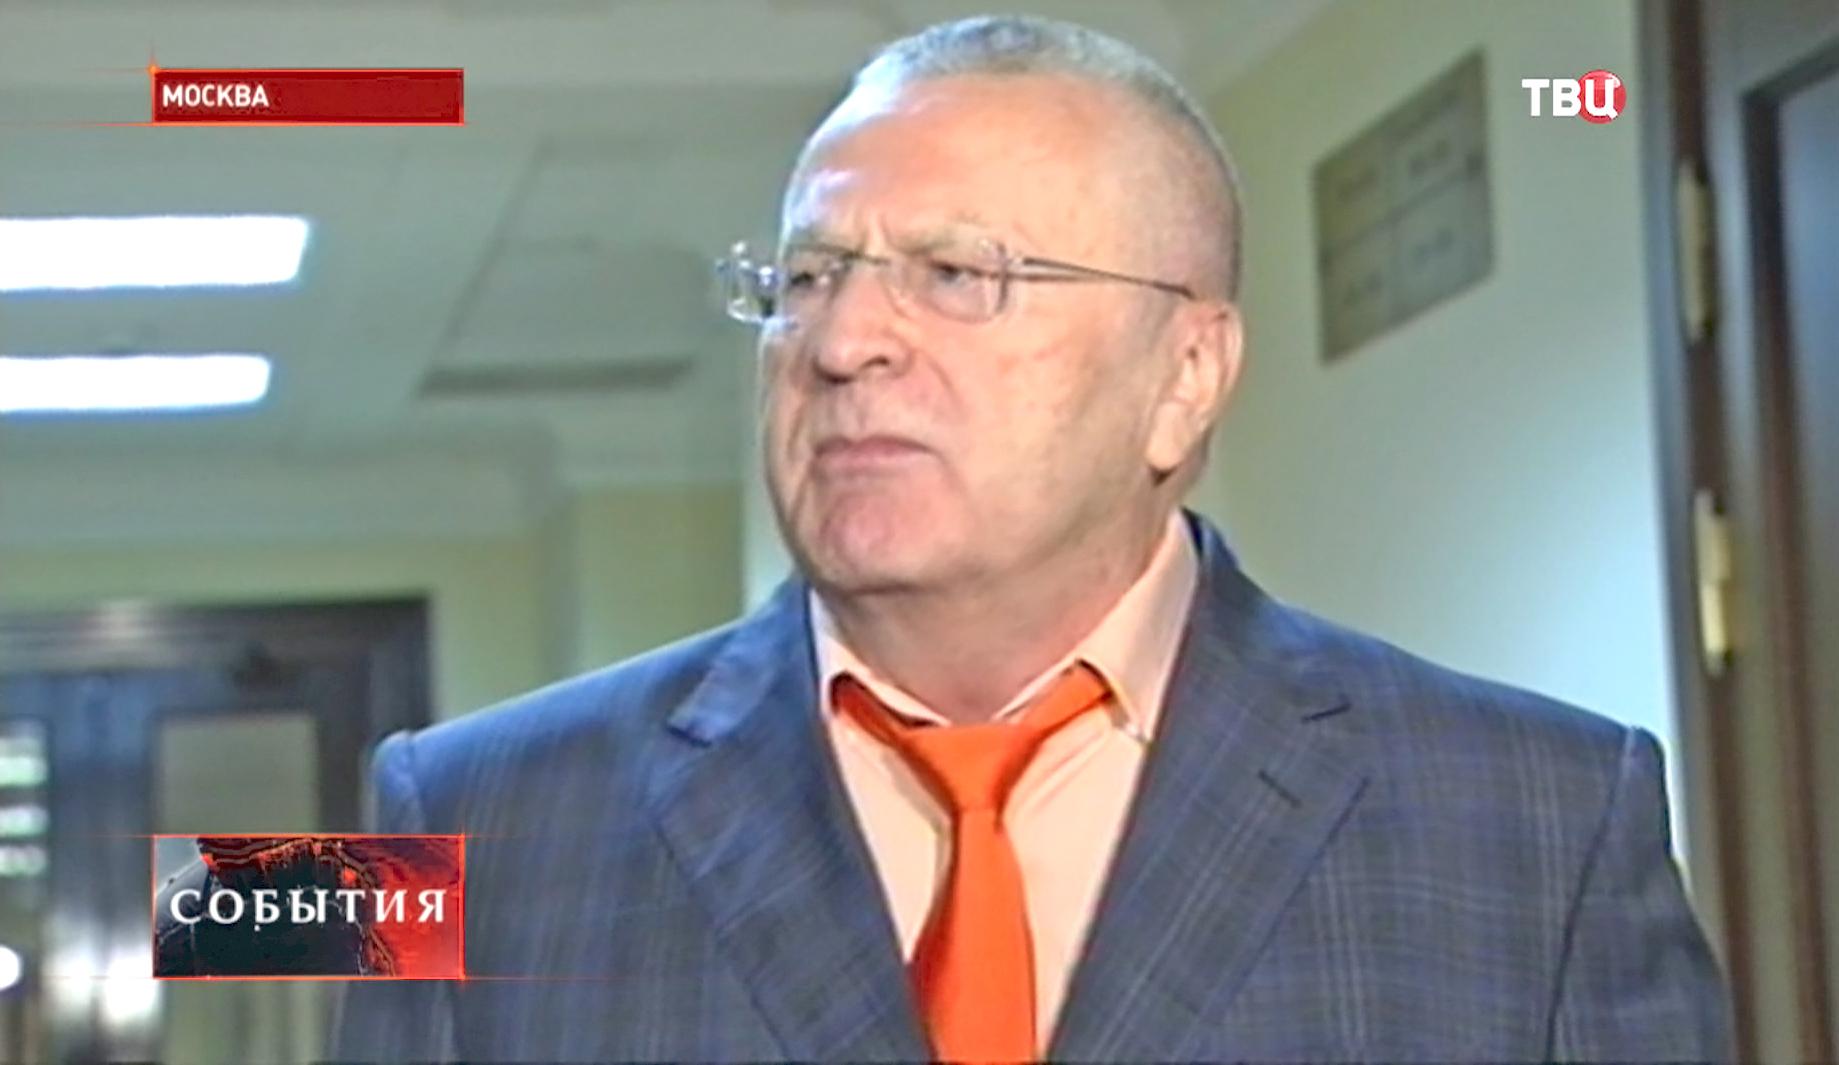 Владимир Жириновский, лидер ЛДПР